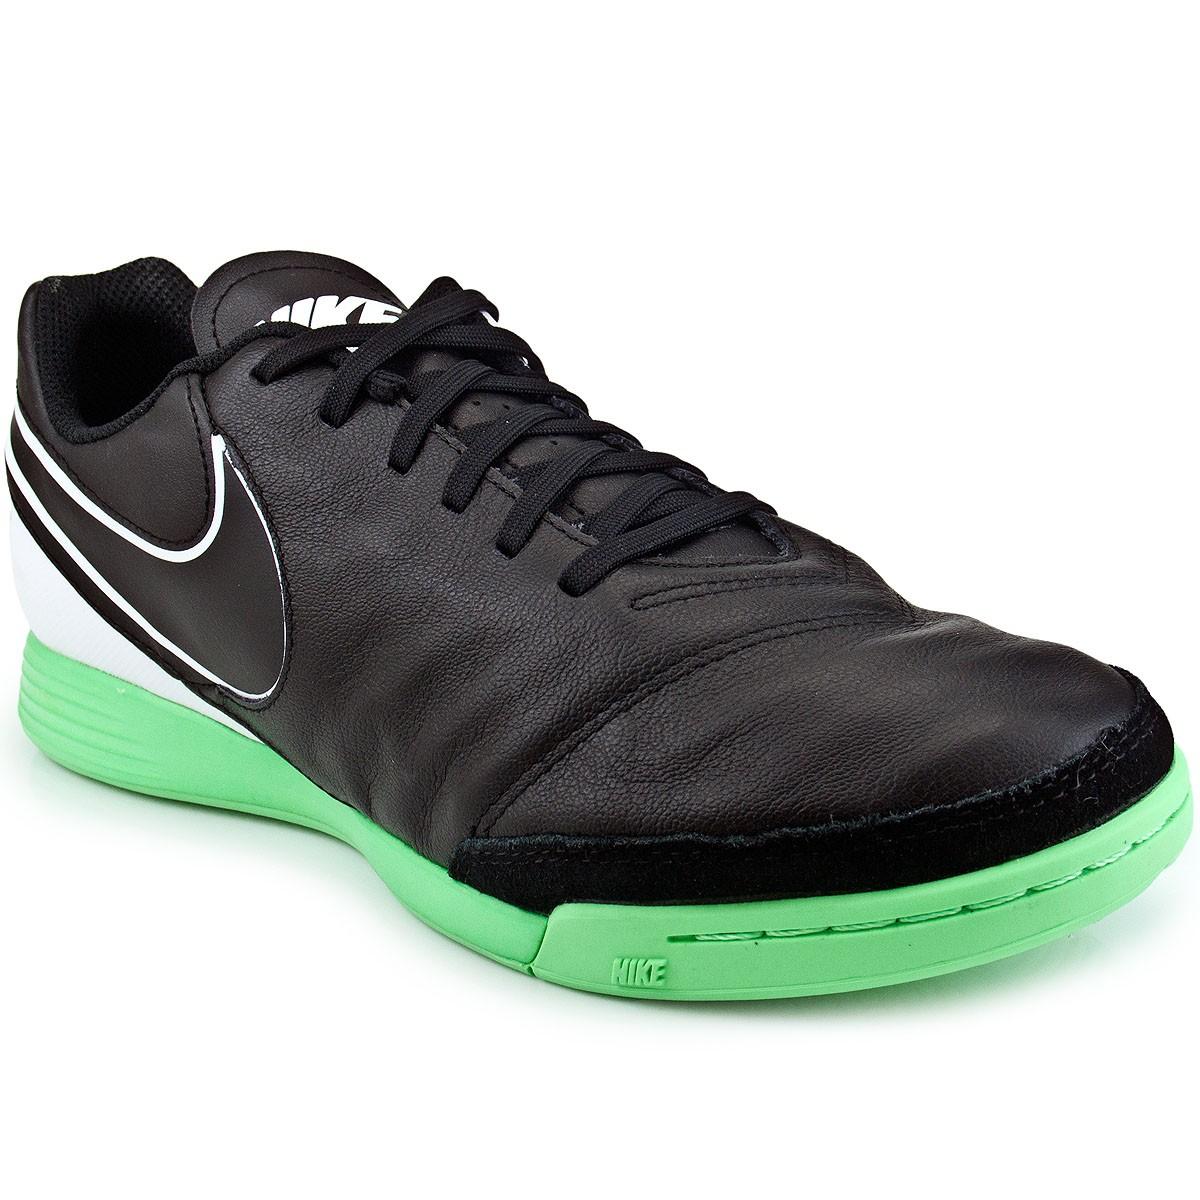 Chuteira Nike Tiempo Genio II Leather IC  34b4c78cb0ebc